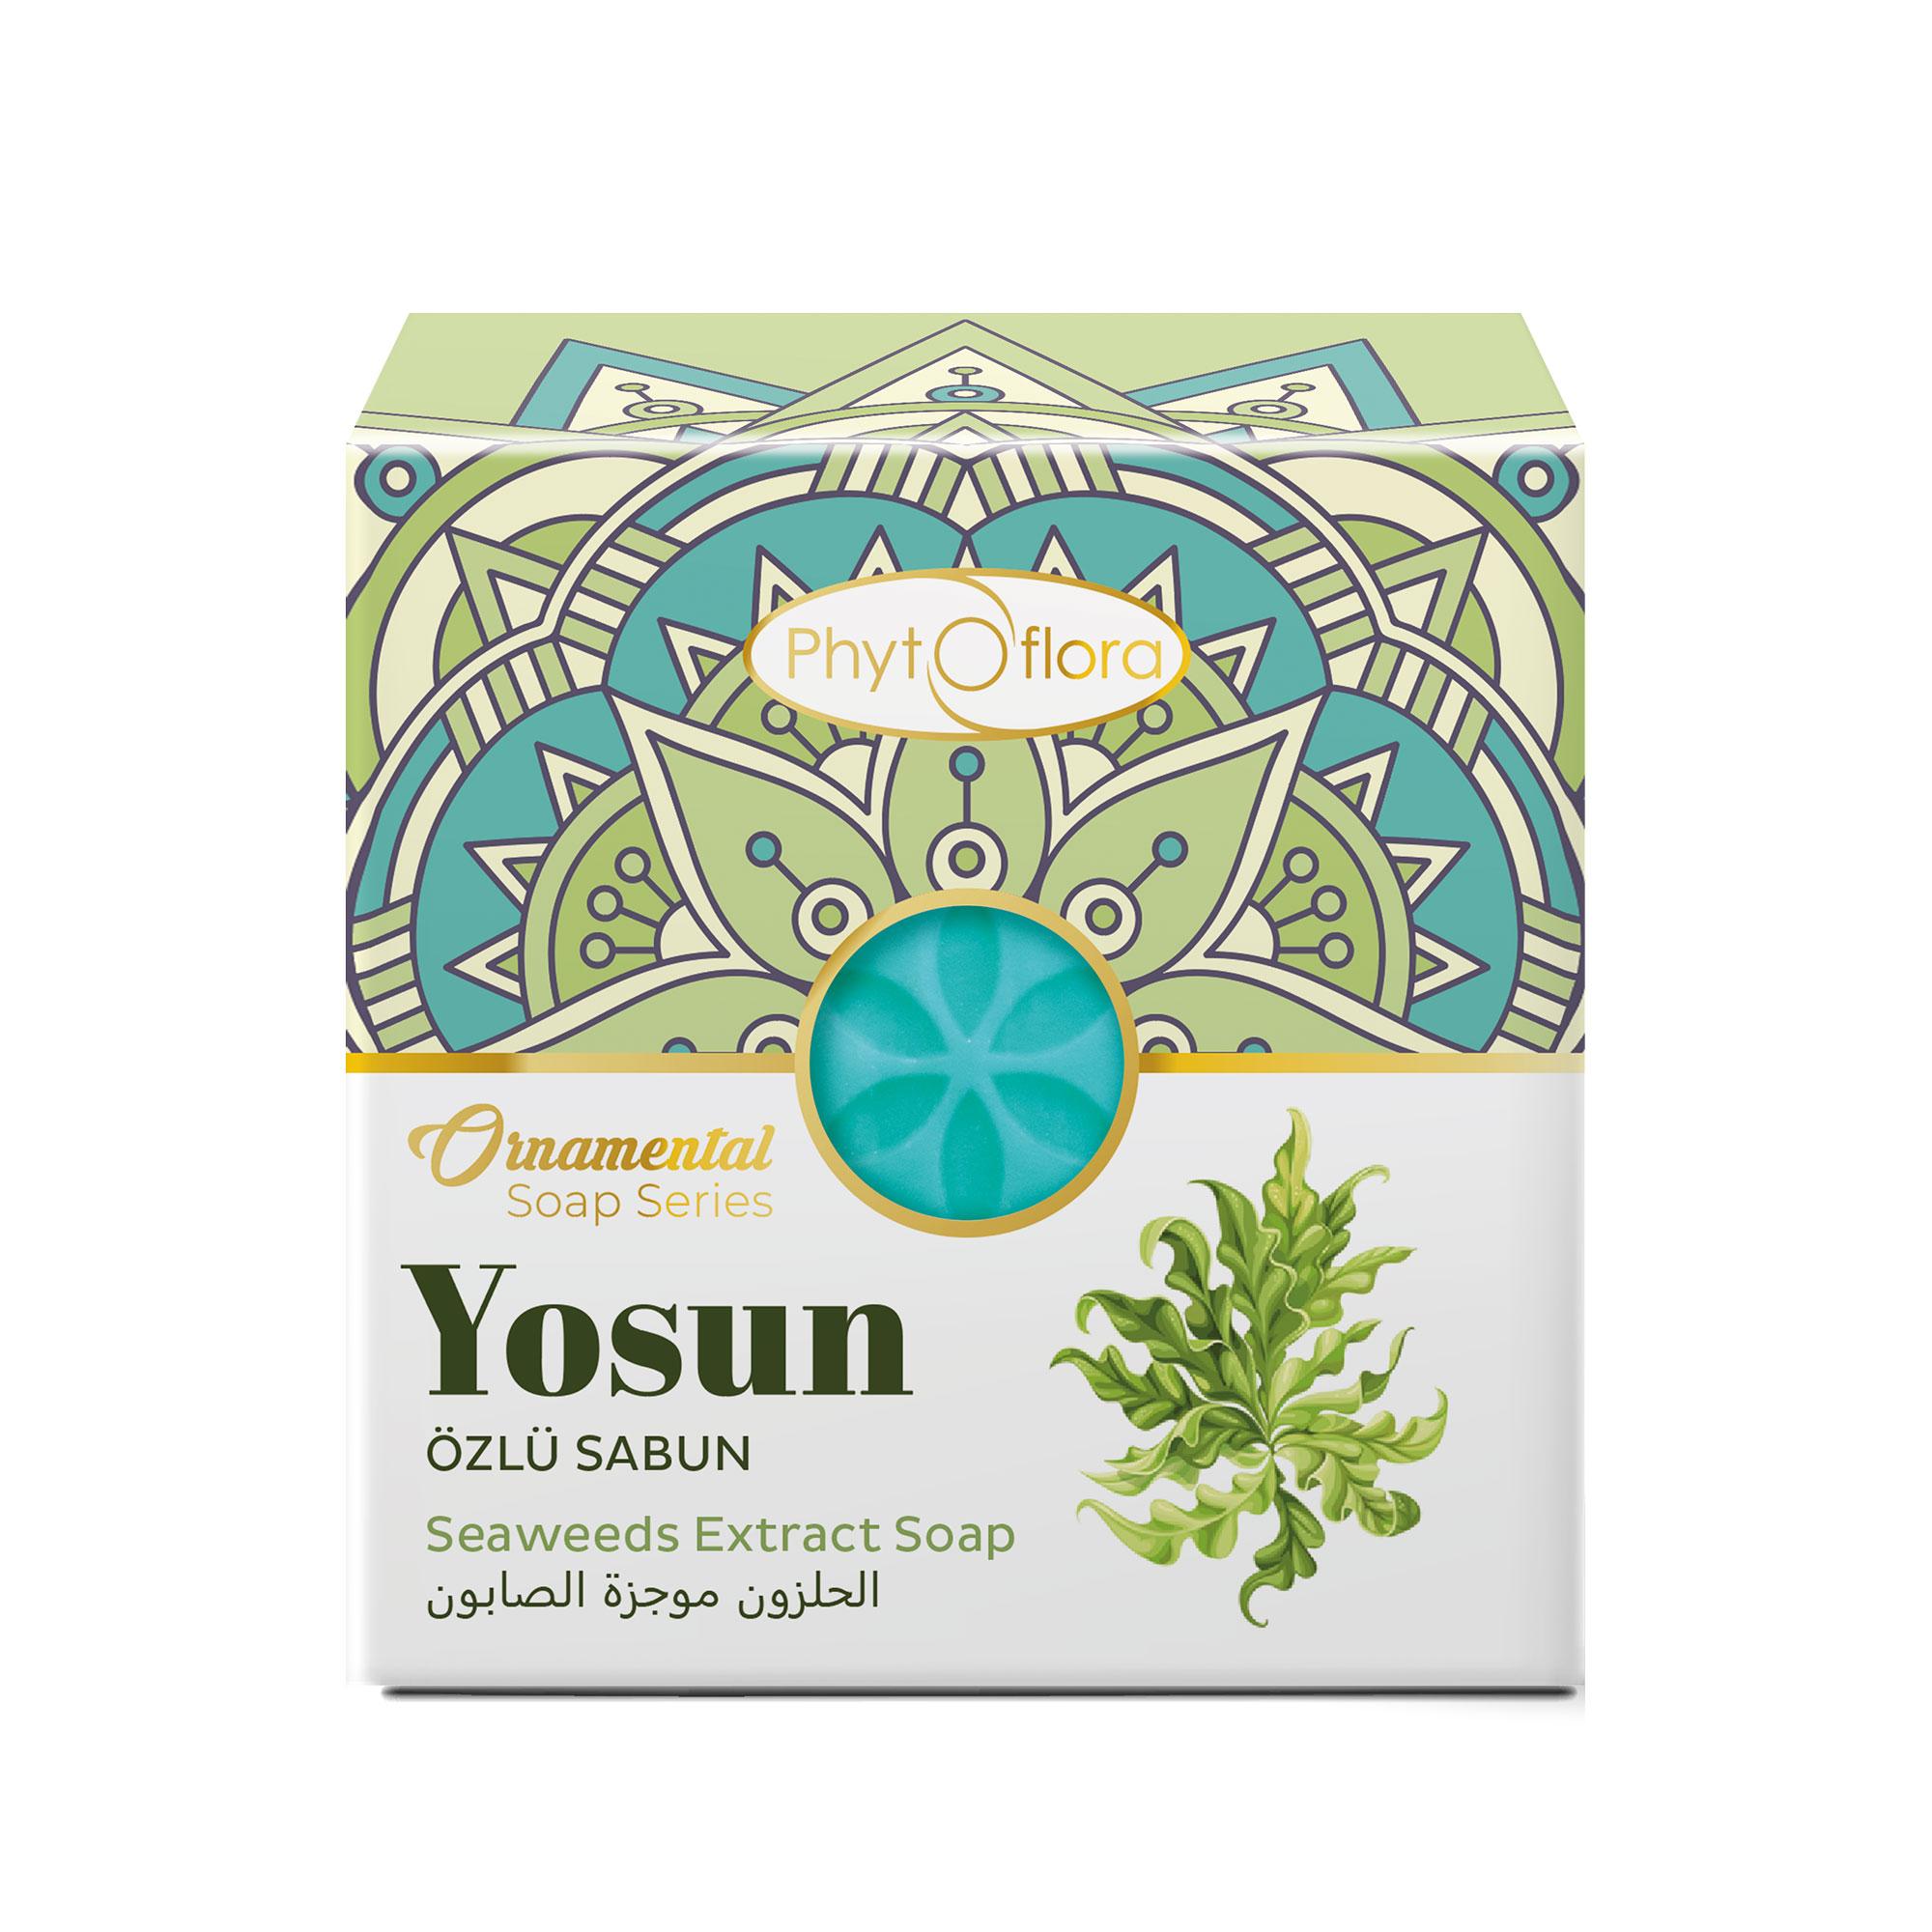 seaweeds herbal soap - ornamental soap series